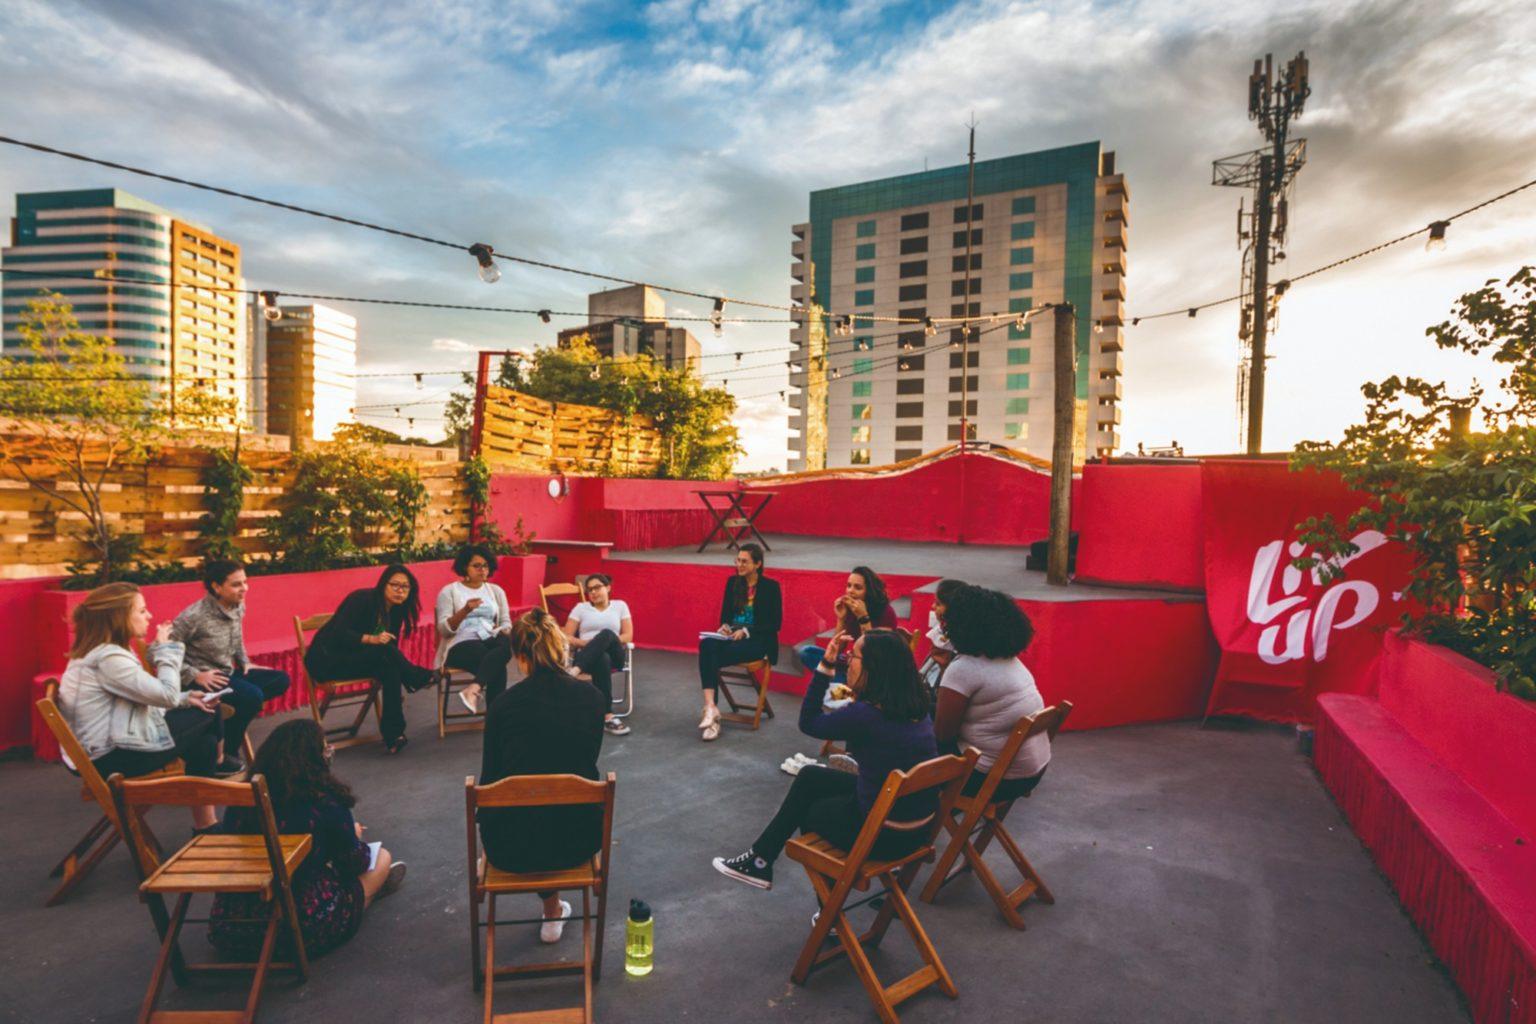 Liv Up abre seleção com 120 vagas de emprego; inscrições on-line (Foto: Forbes Brasil)